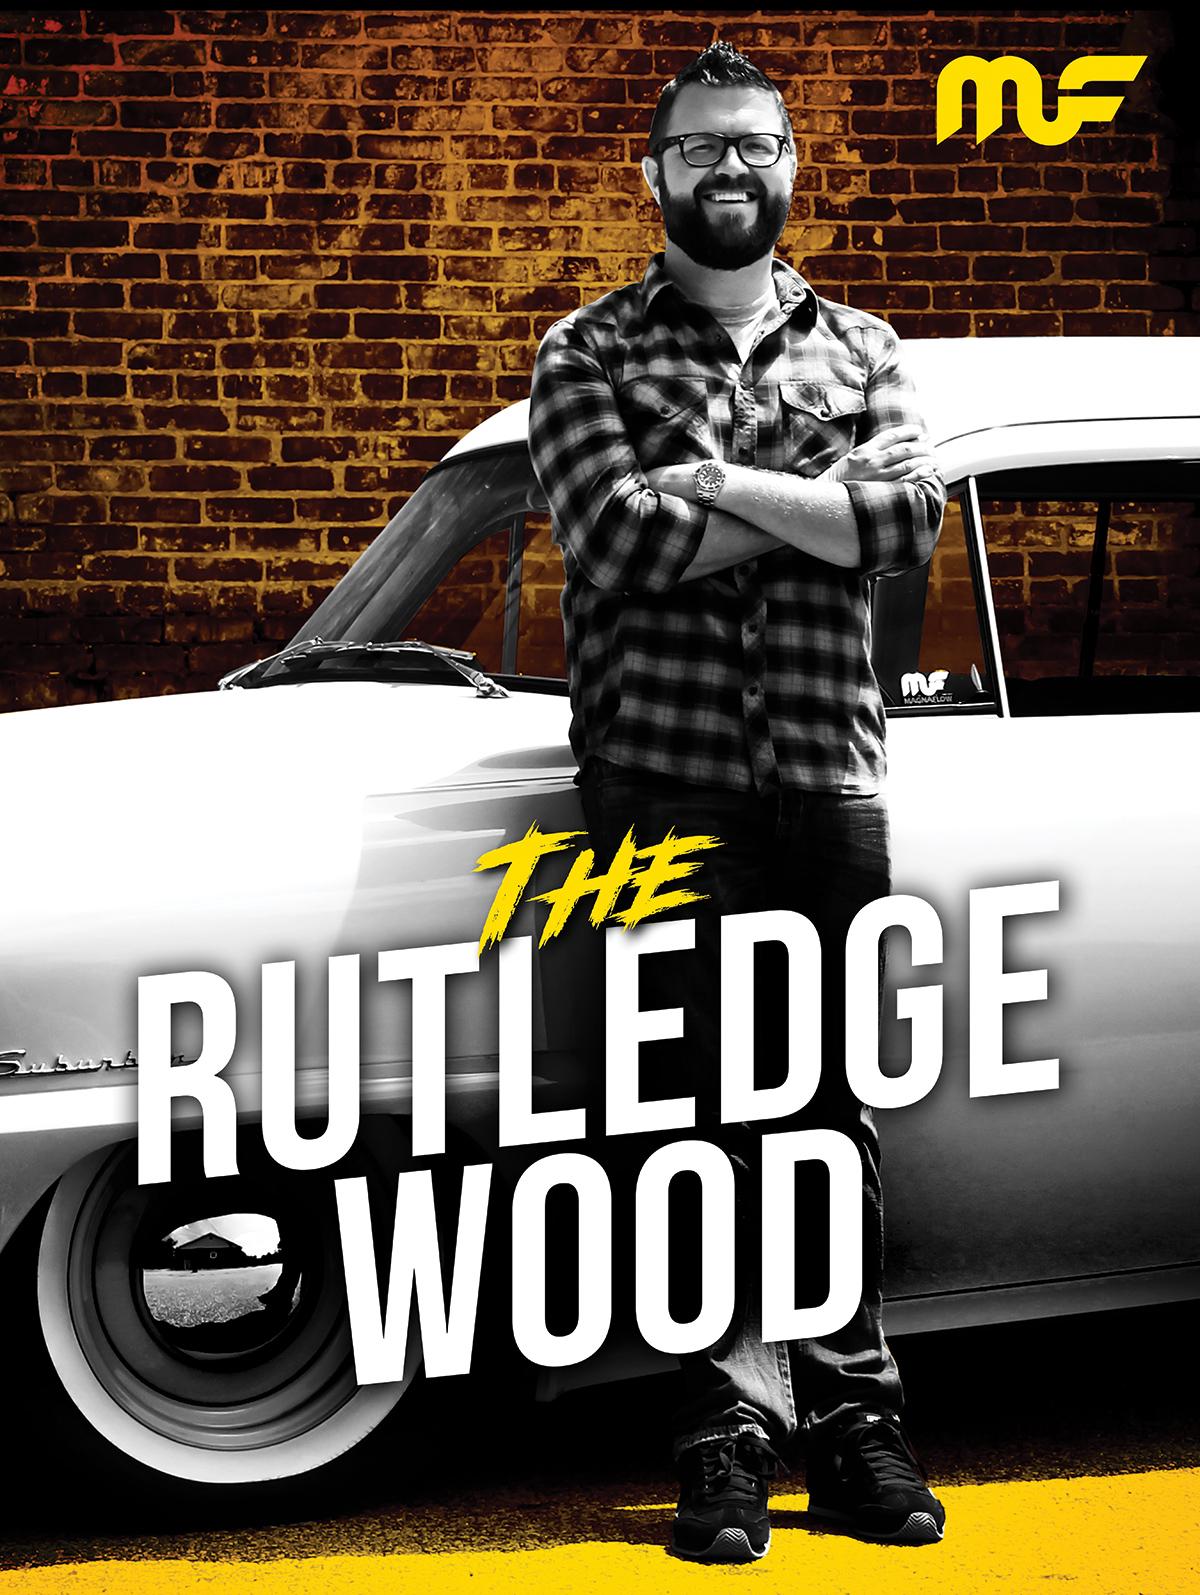 Rutledge_Wood.jpg